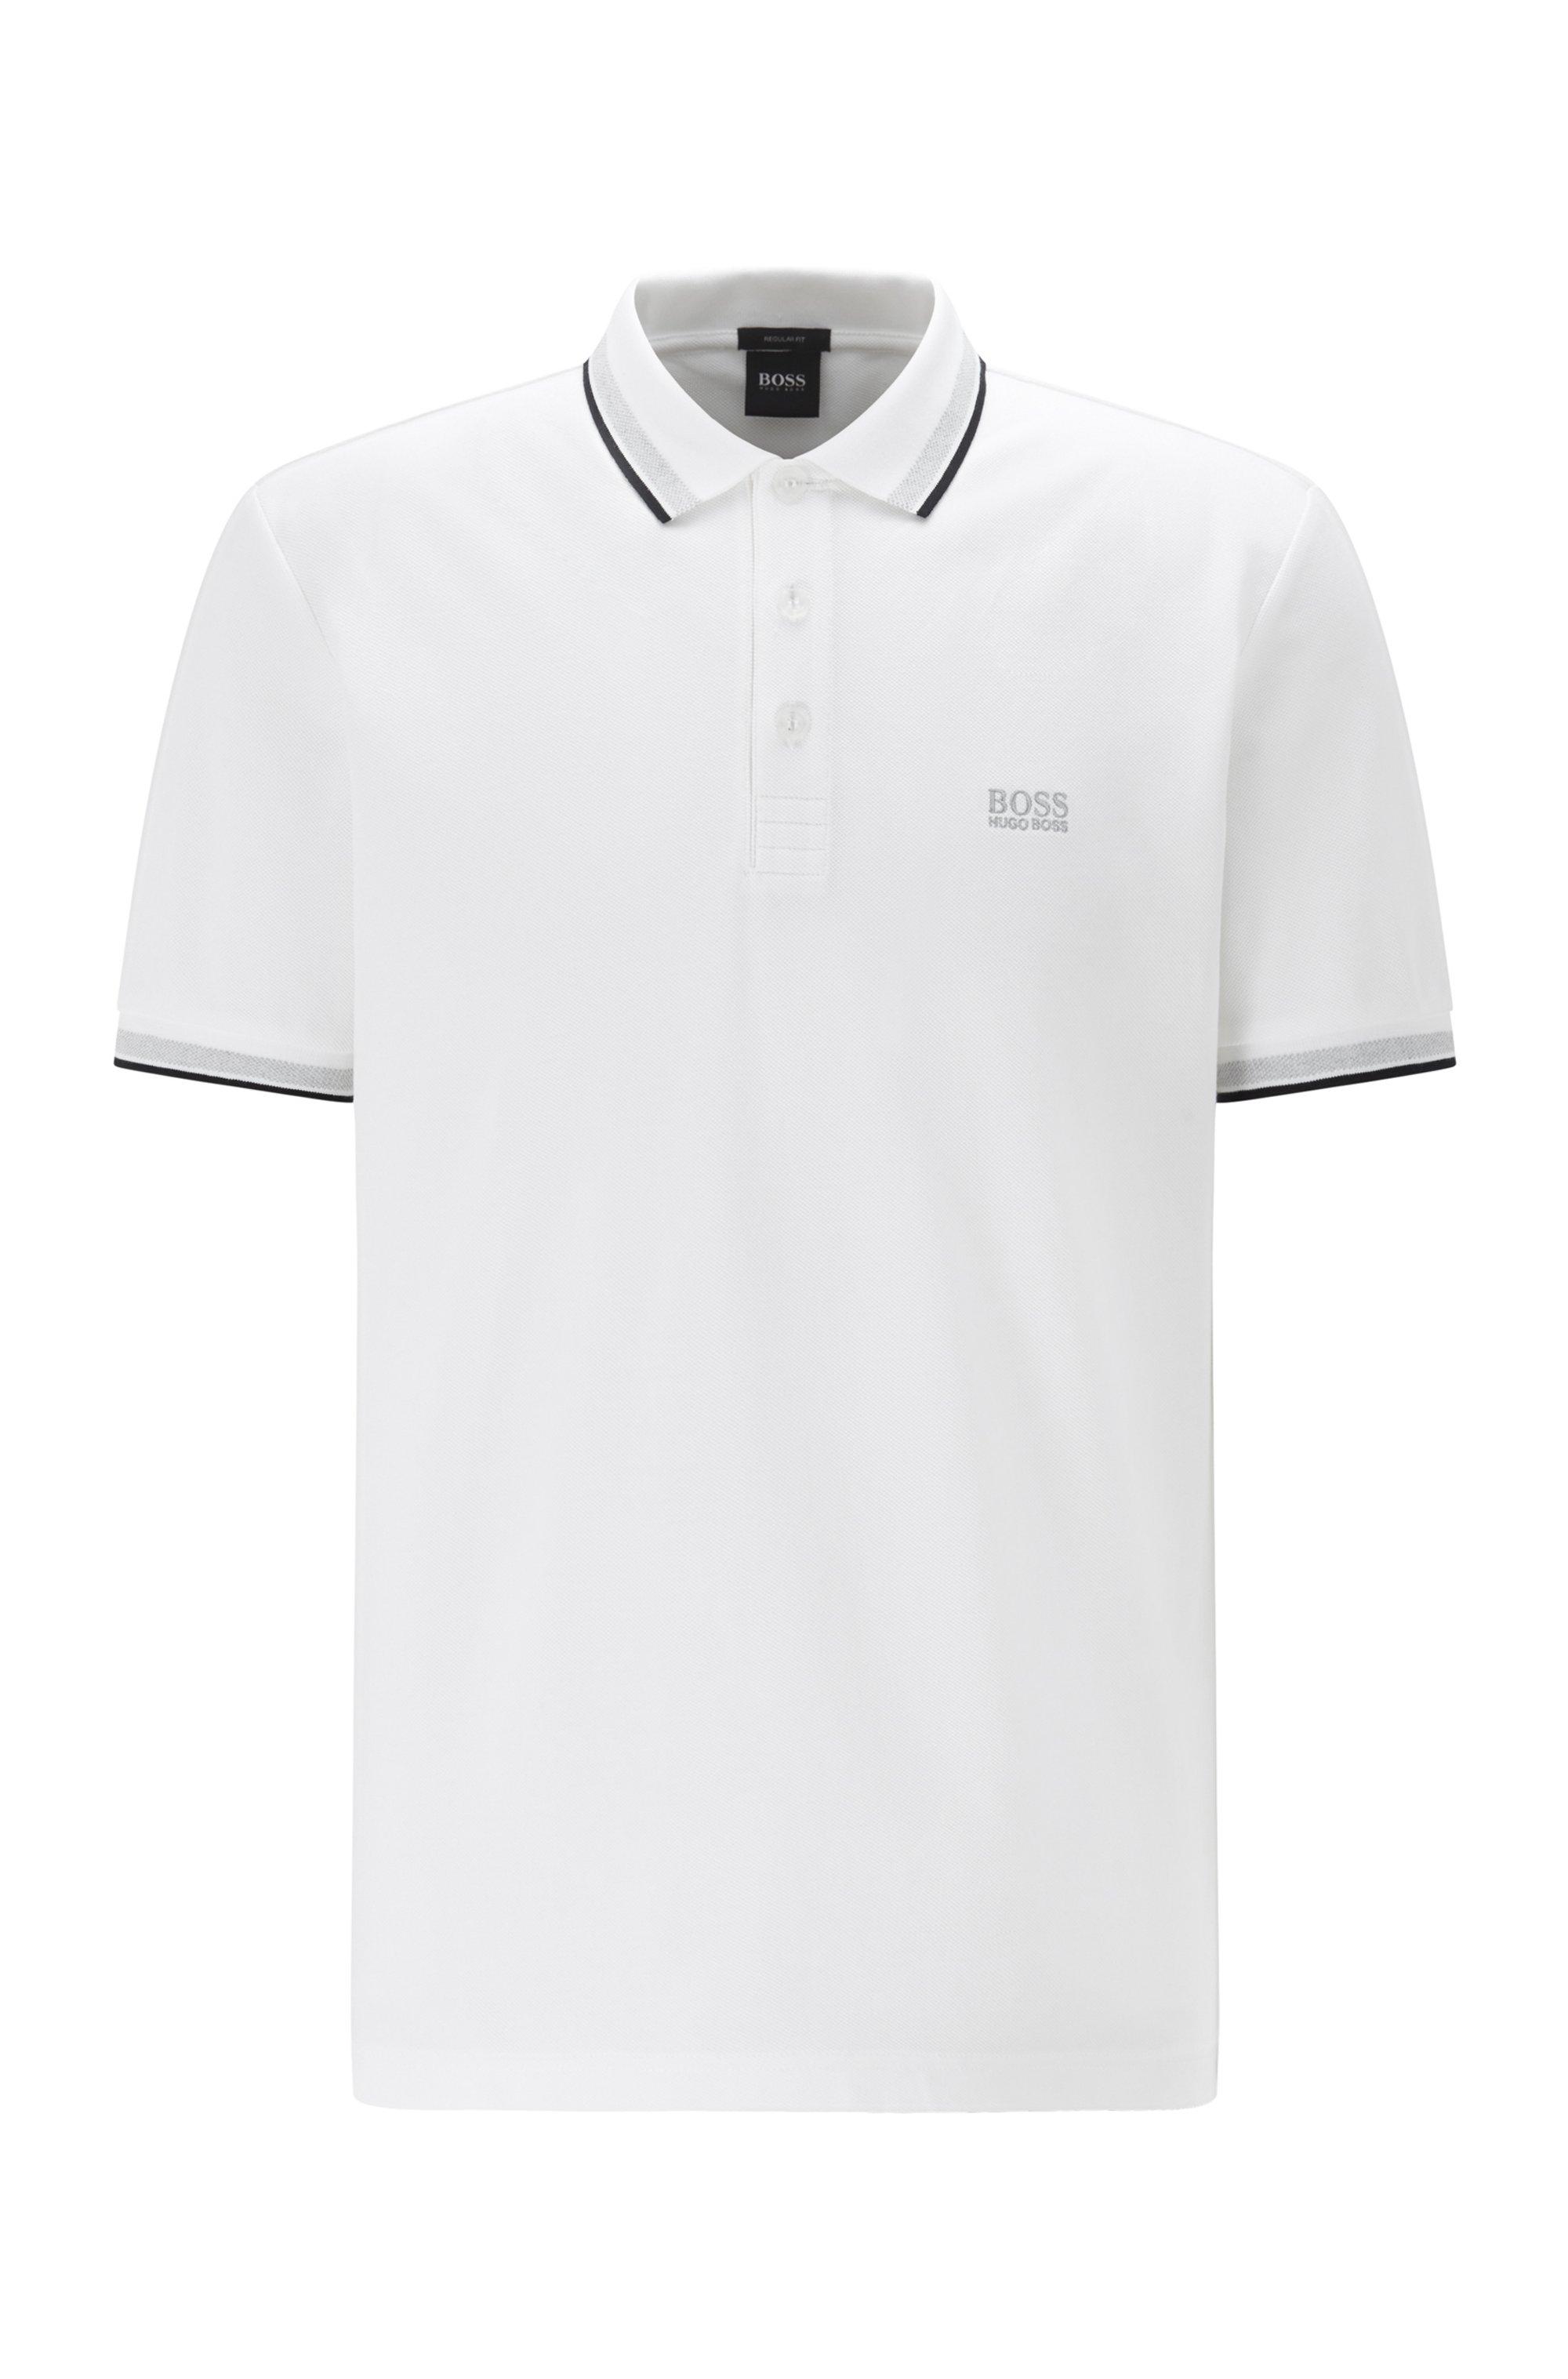 Poloshirt aus Baumwoll-Piqué mit Streifen an Kragen und Ärmelbündchen, Weiß